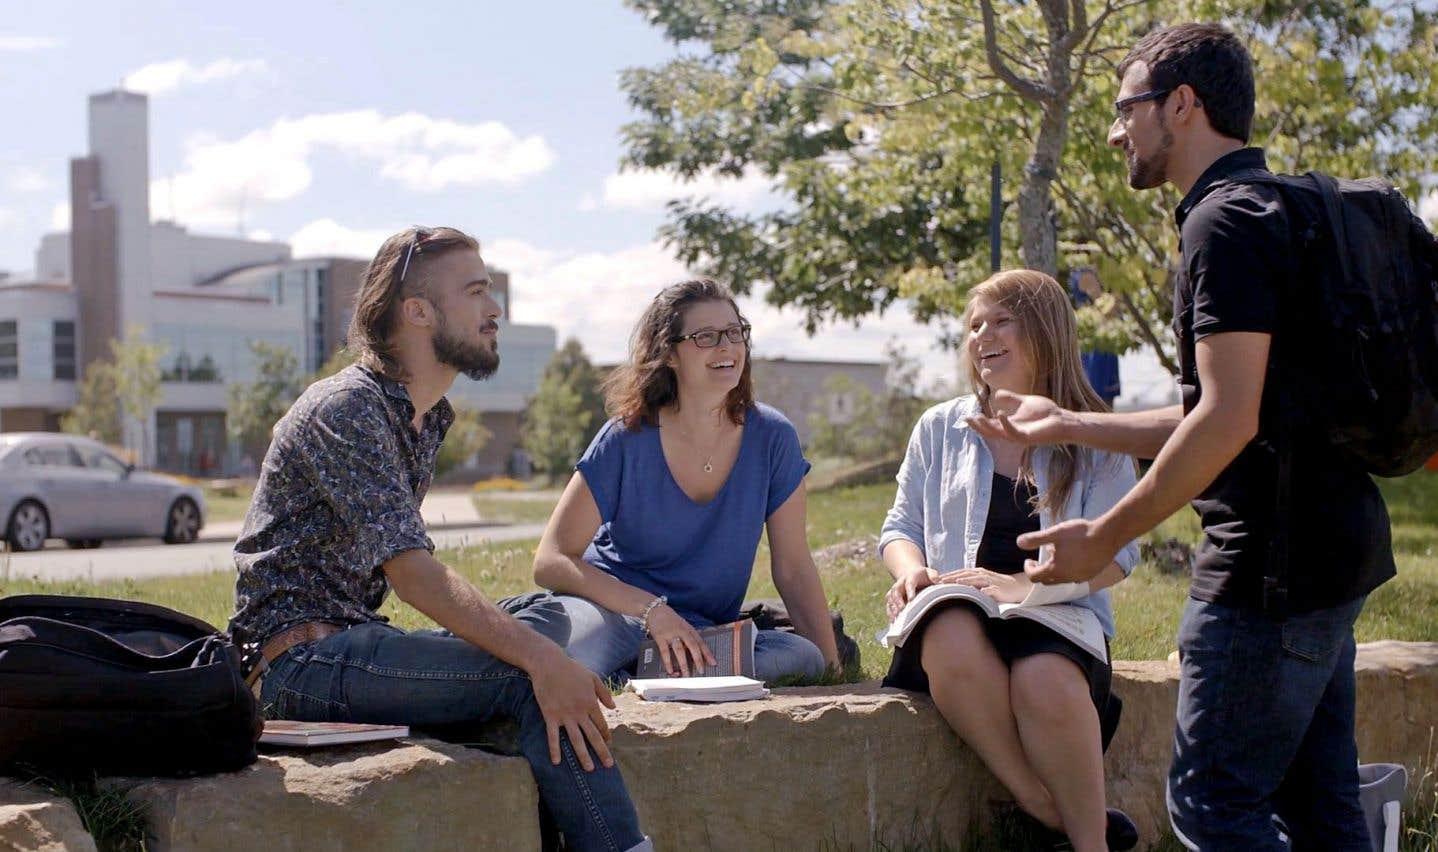 Des étudiants sur le campus principal de l'Université de Sherbrooke, photo tirée de la série vidéo Portraits de l'UdeS